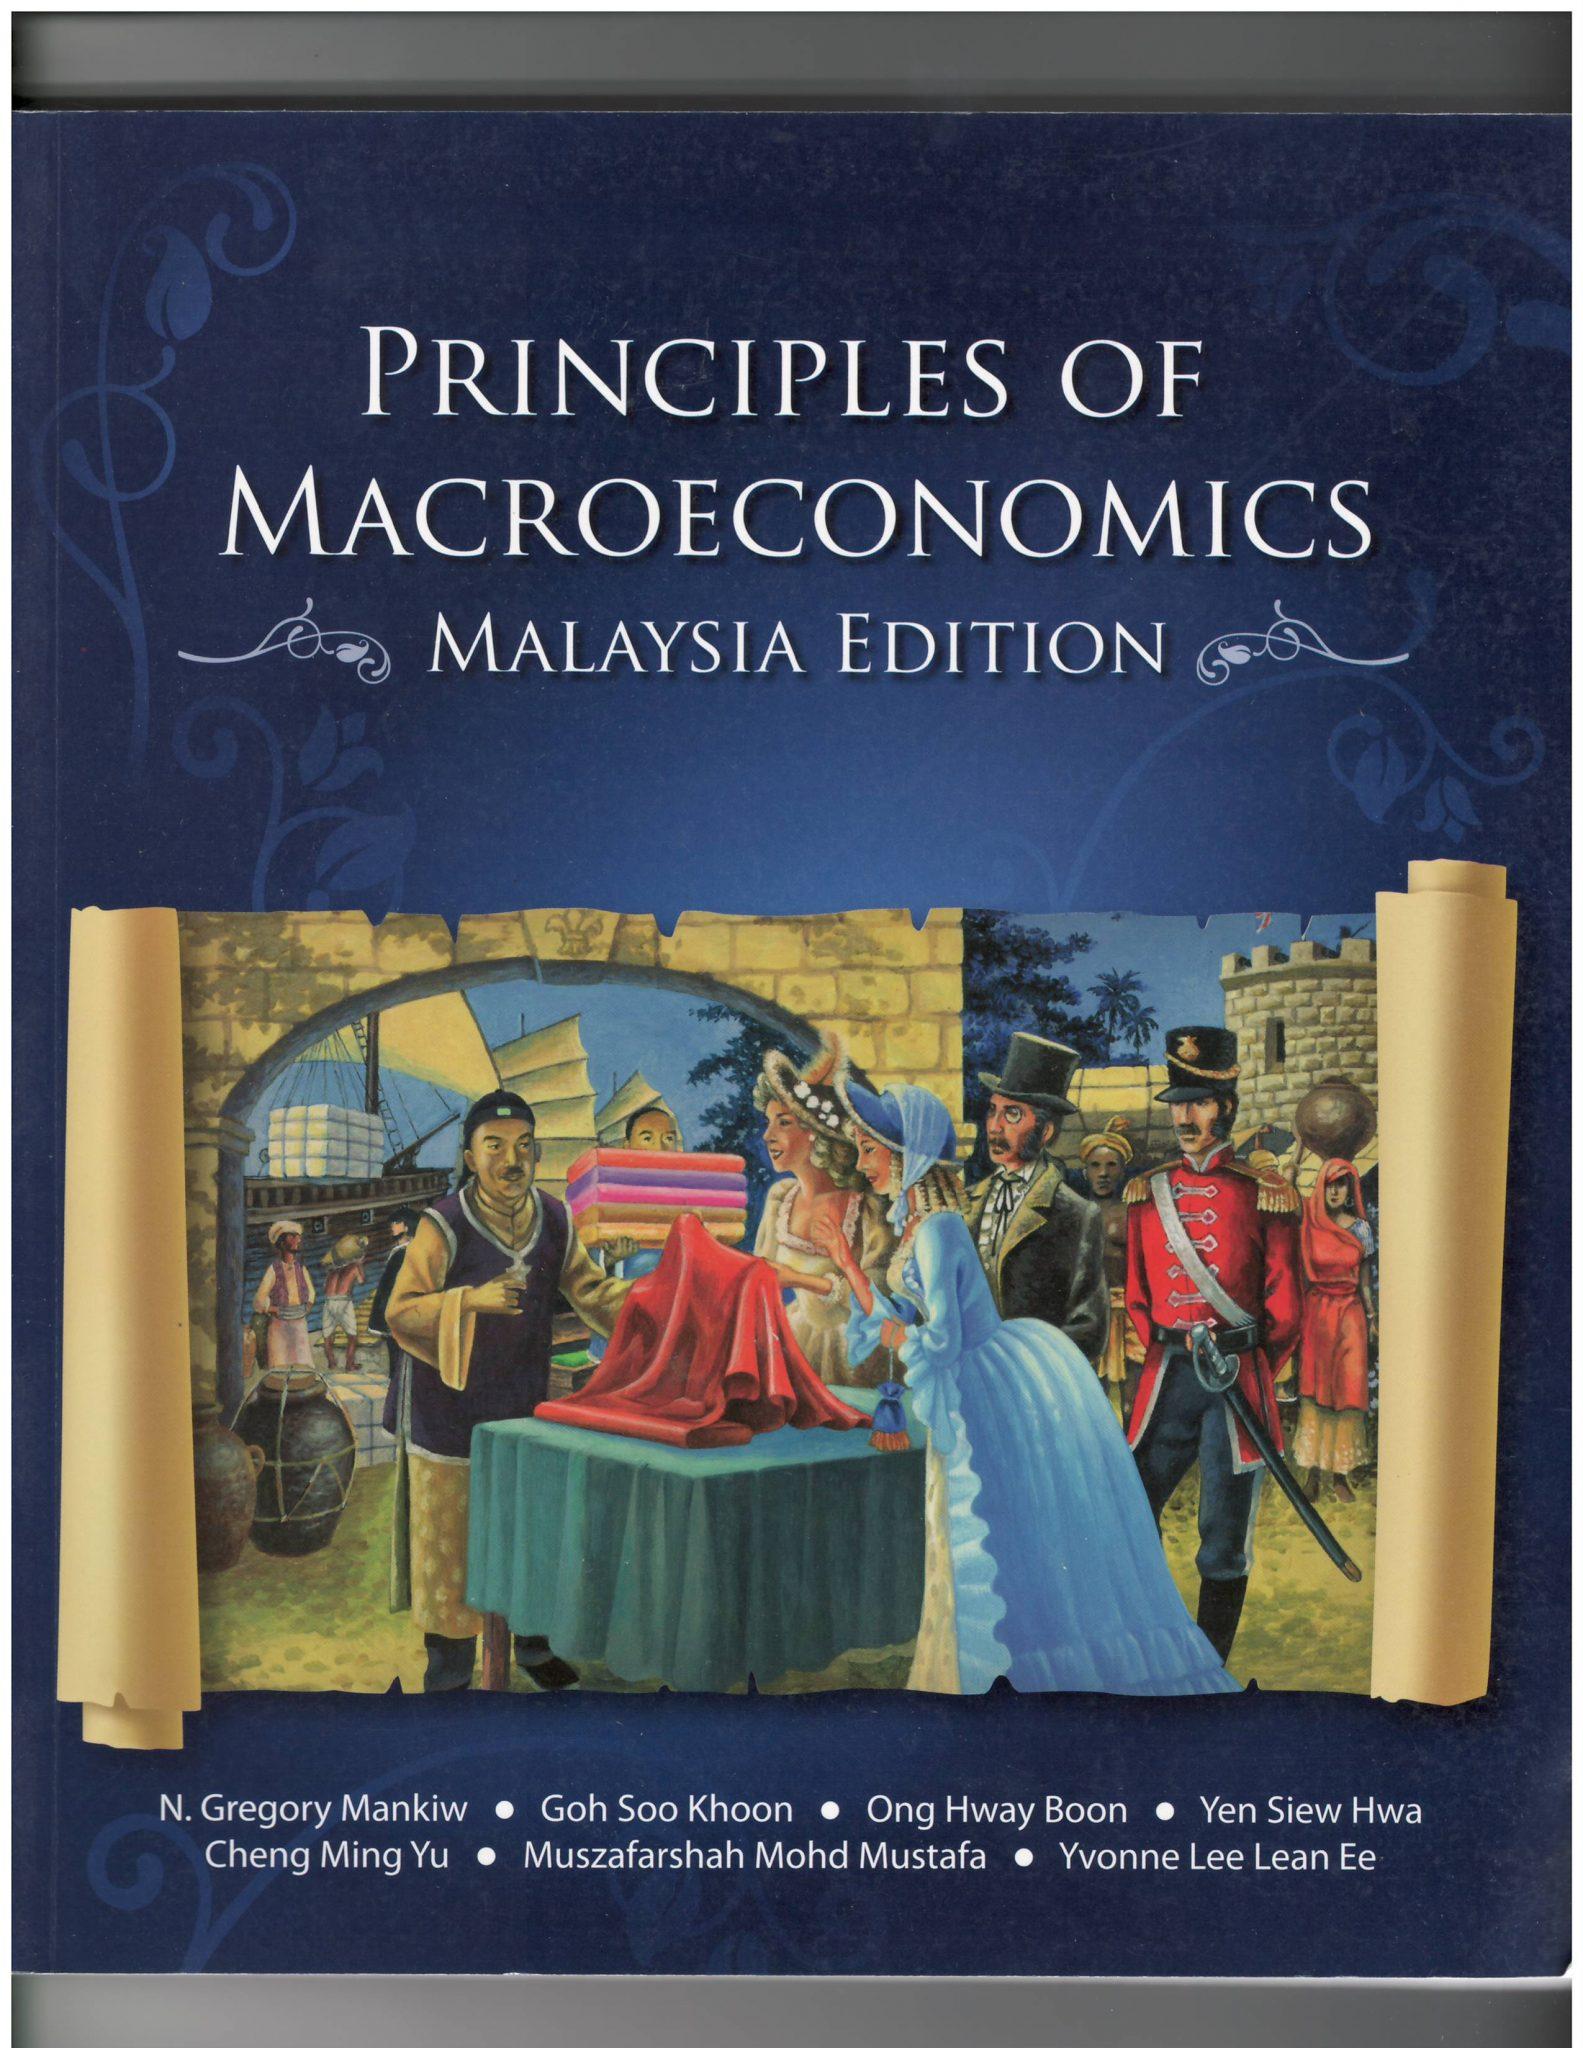 Principles of Macroeconomics | Economics | MIT OpenCourseWare